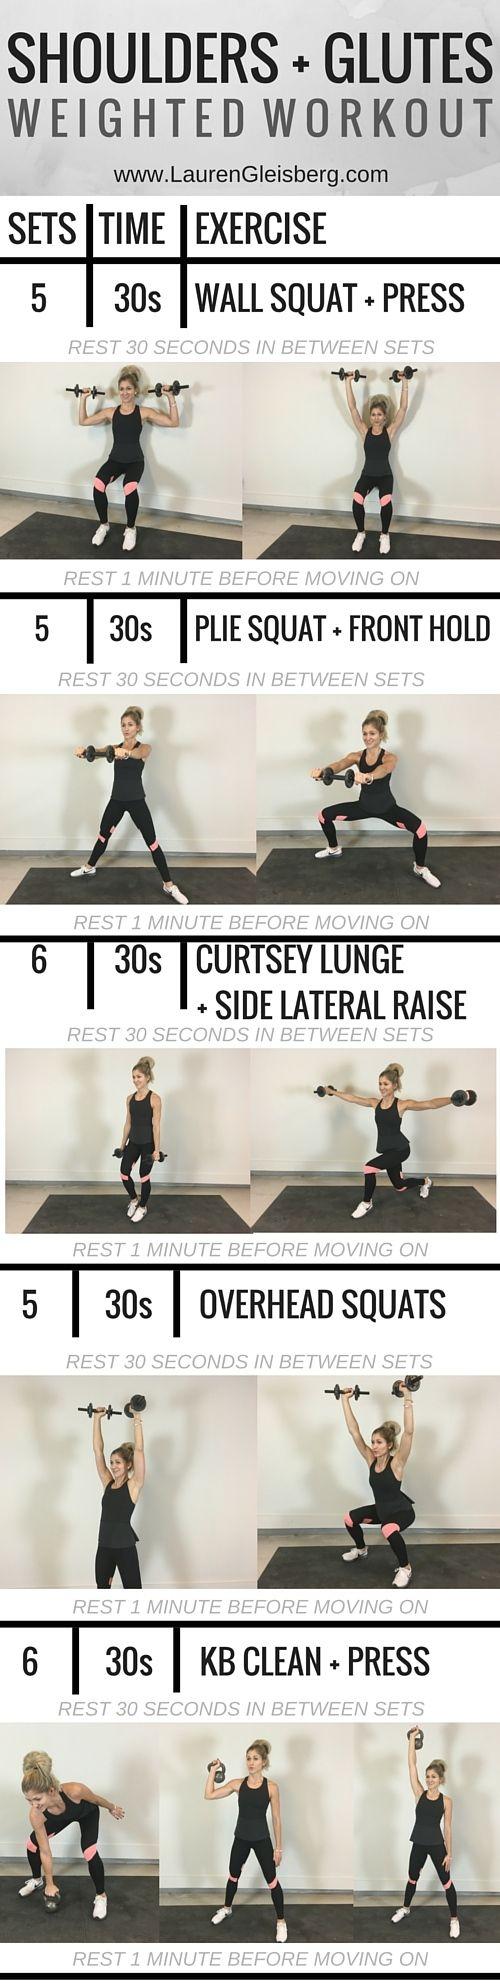 #LGFitAndLean2016 Challenge: Shoulders + Glutes (W3D5) – Lauren Gleisberg